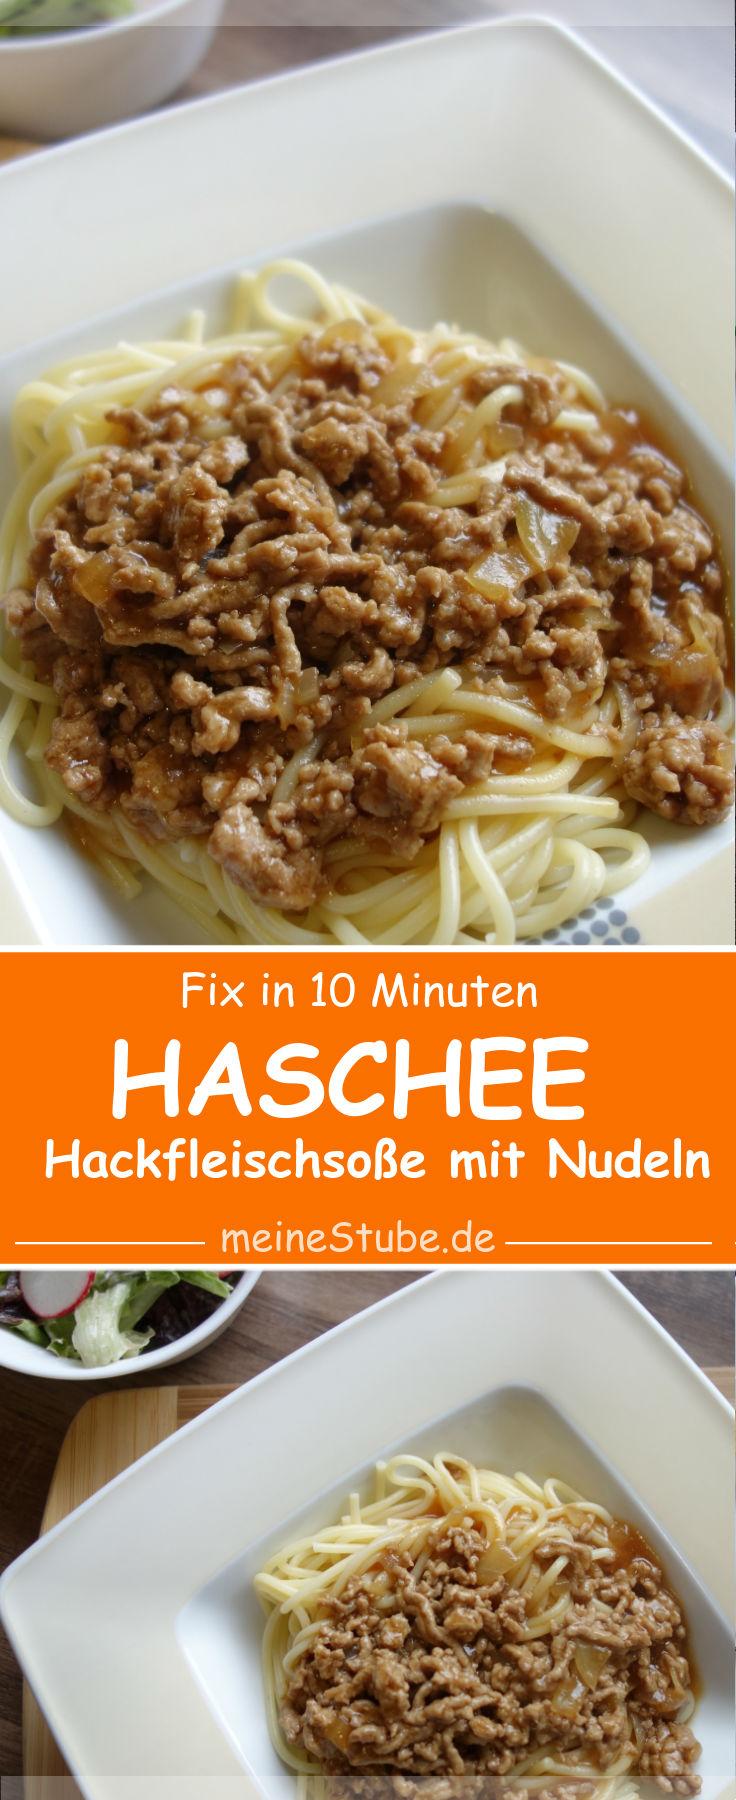 Haschee-fix-hackfleischsosse